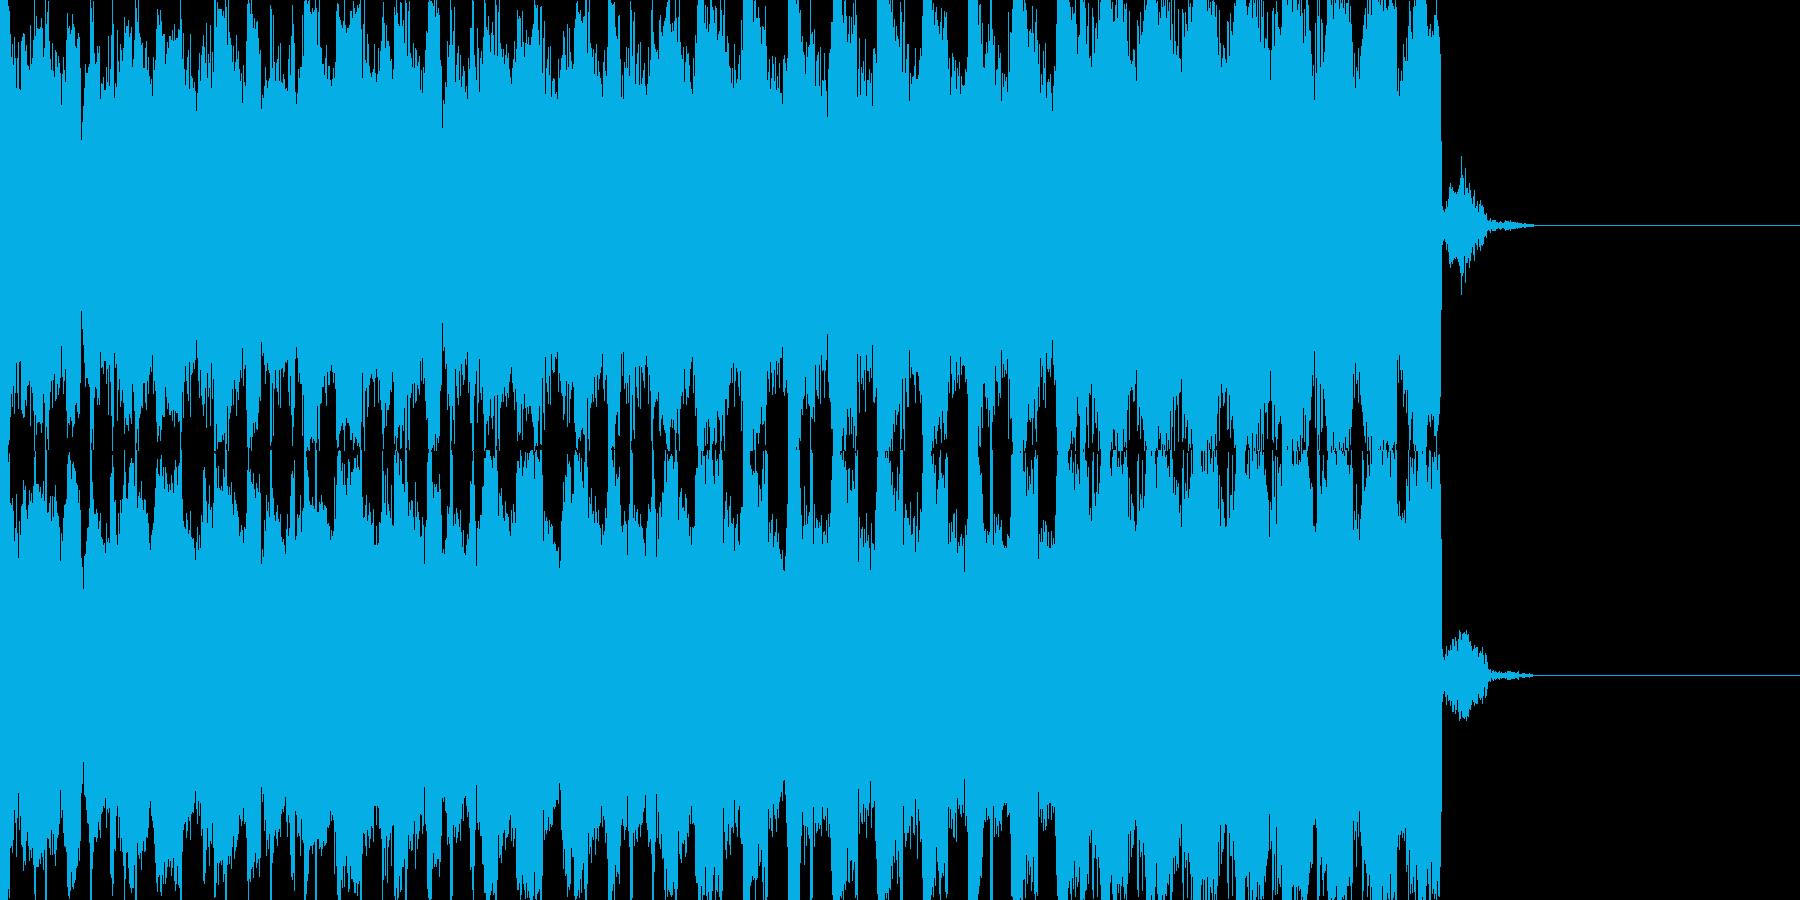 EDMシンセ&ドラムロールビルドアップの再生済みの波形